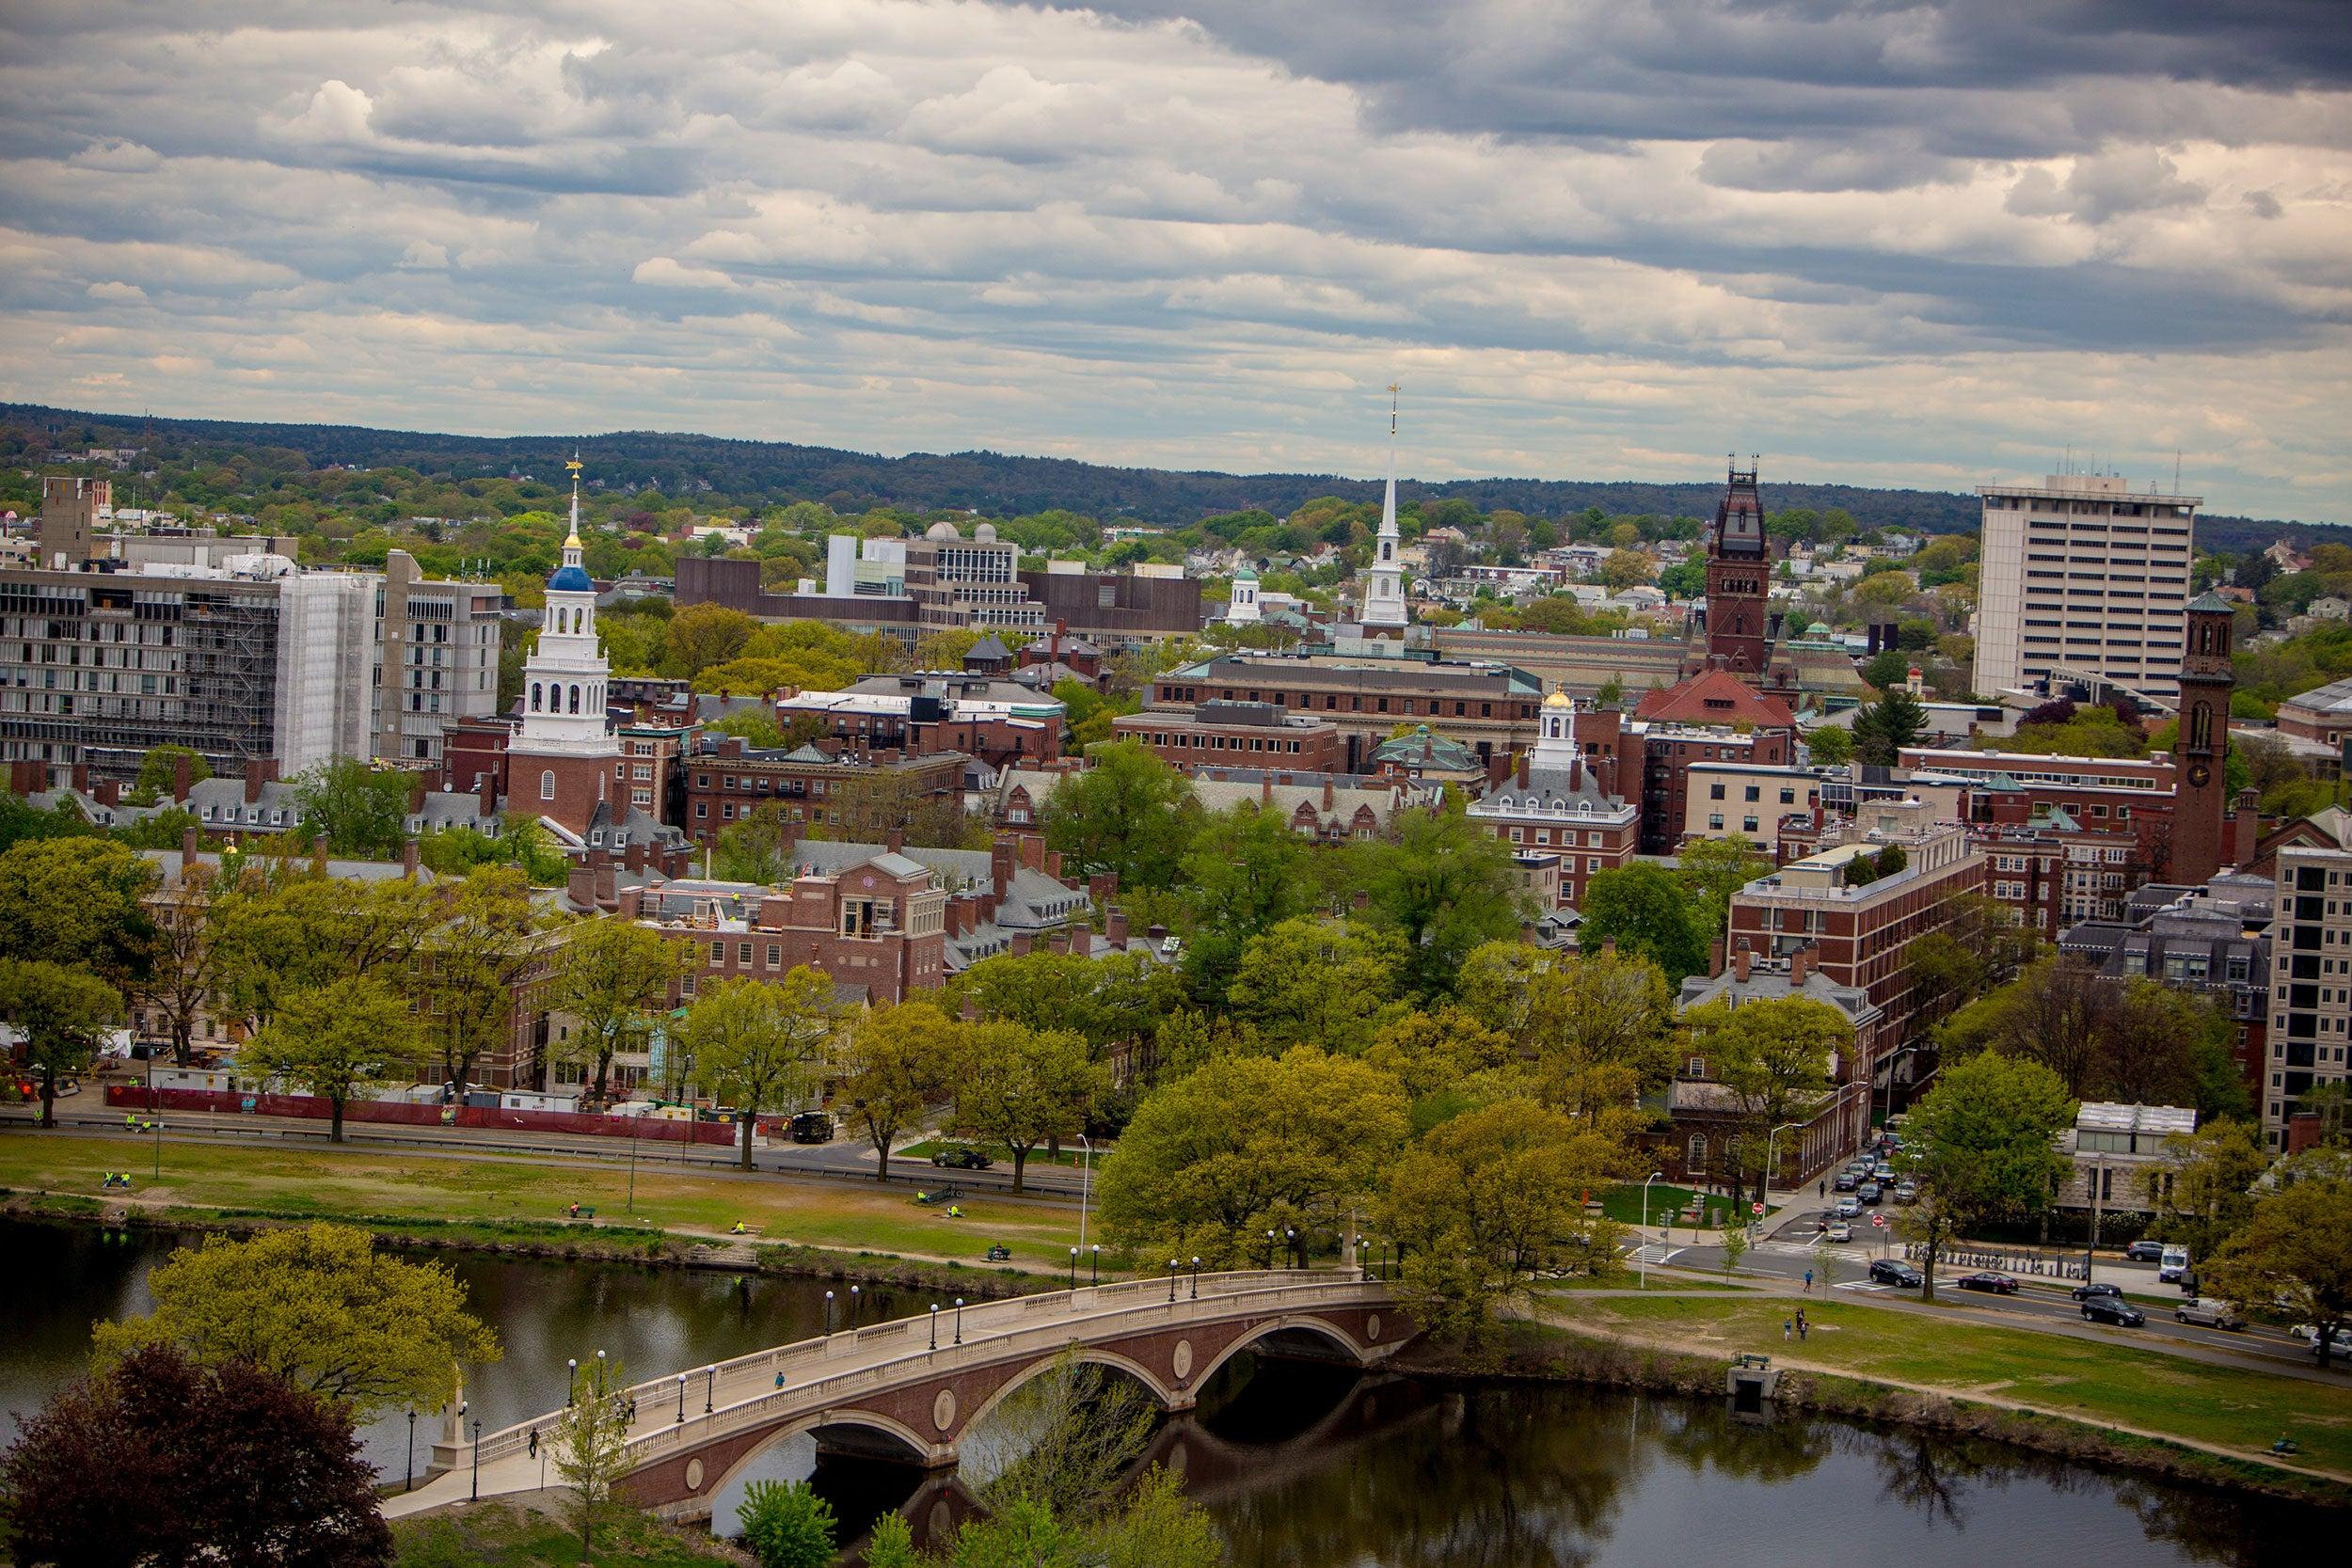 Overviews of Harvard University in Cambridge,